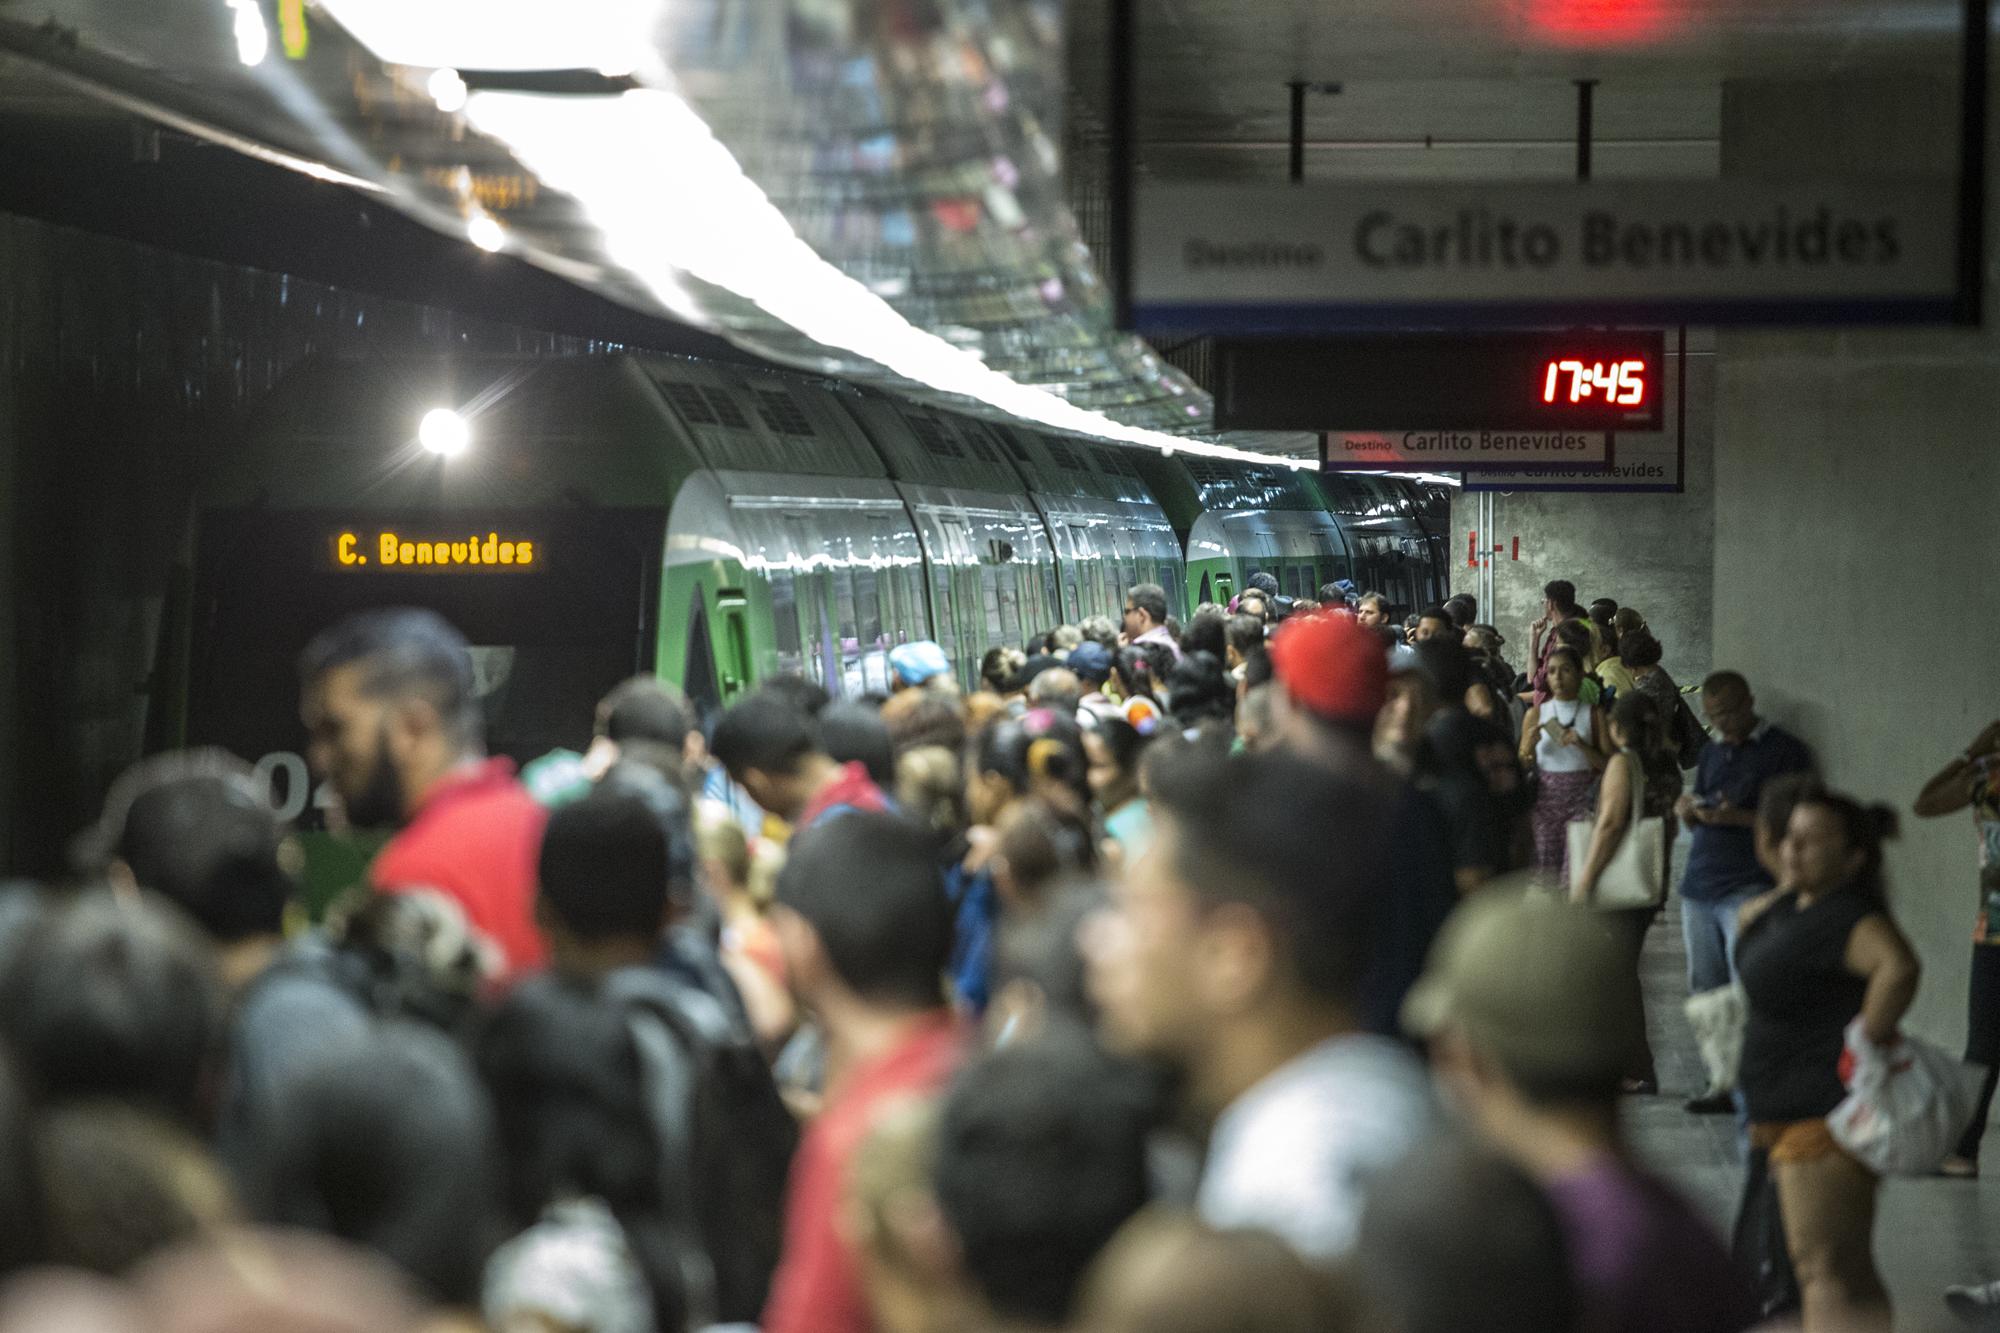 Repetindo a tendência de anos anteriores, a Linha Sul do Metrô de Fortaleza registrou crescimento no número de passageiros nos dois primeiros quadrimestres deste ano.